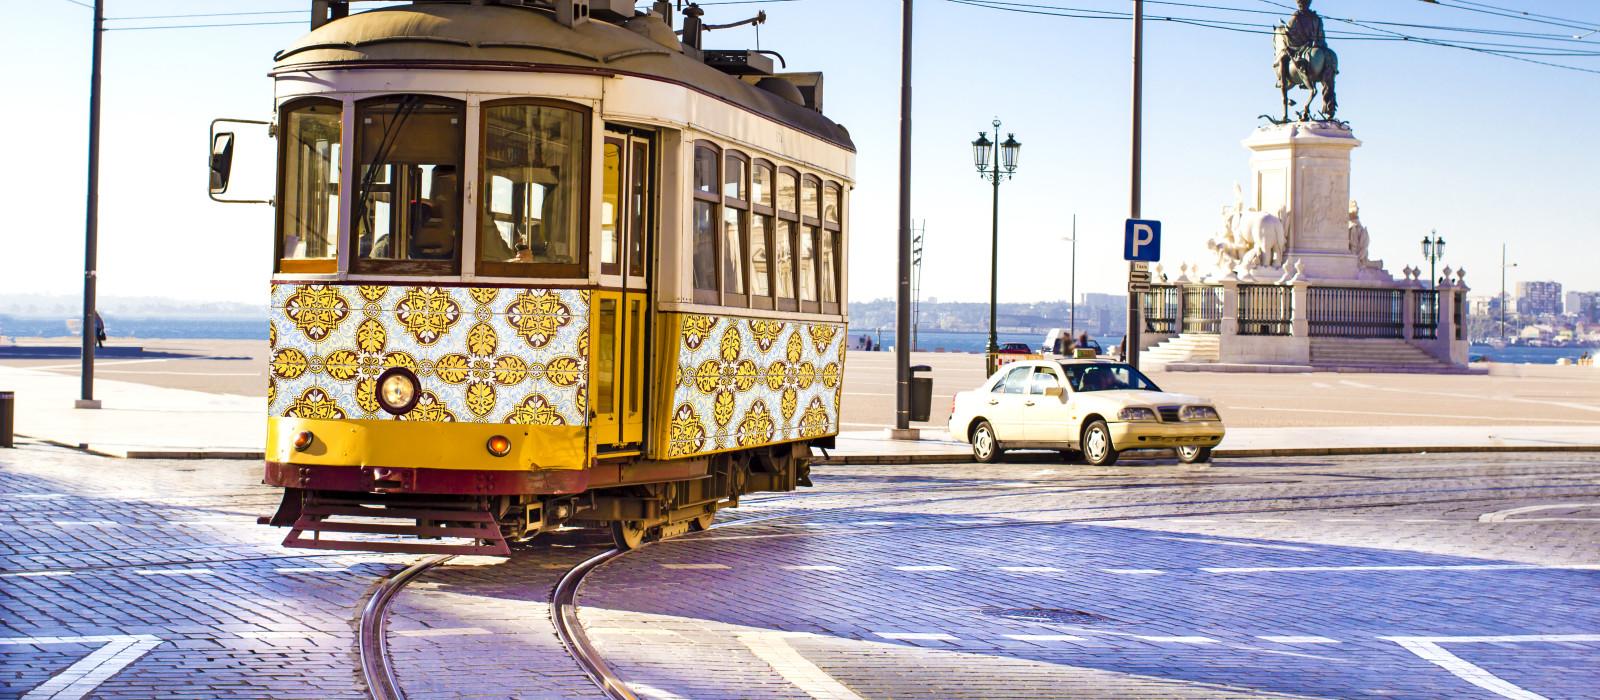 Zählt zu den beliebtesten Portugal Sehenswürdigkeiten - historische Straßenbahn